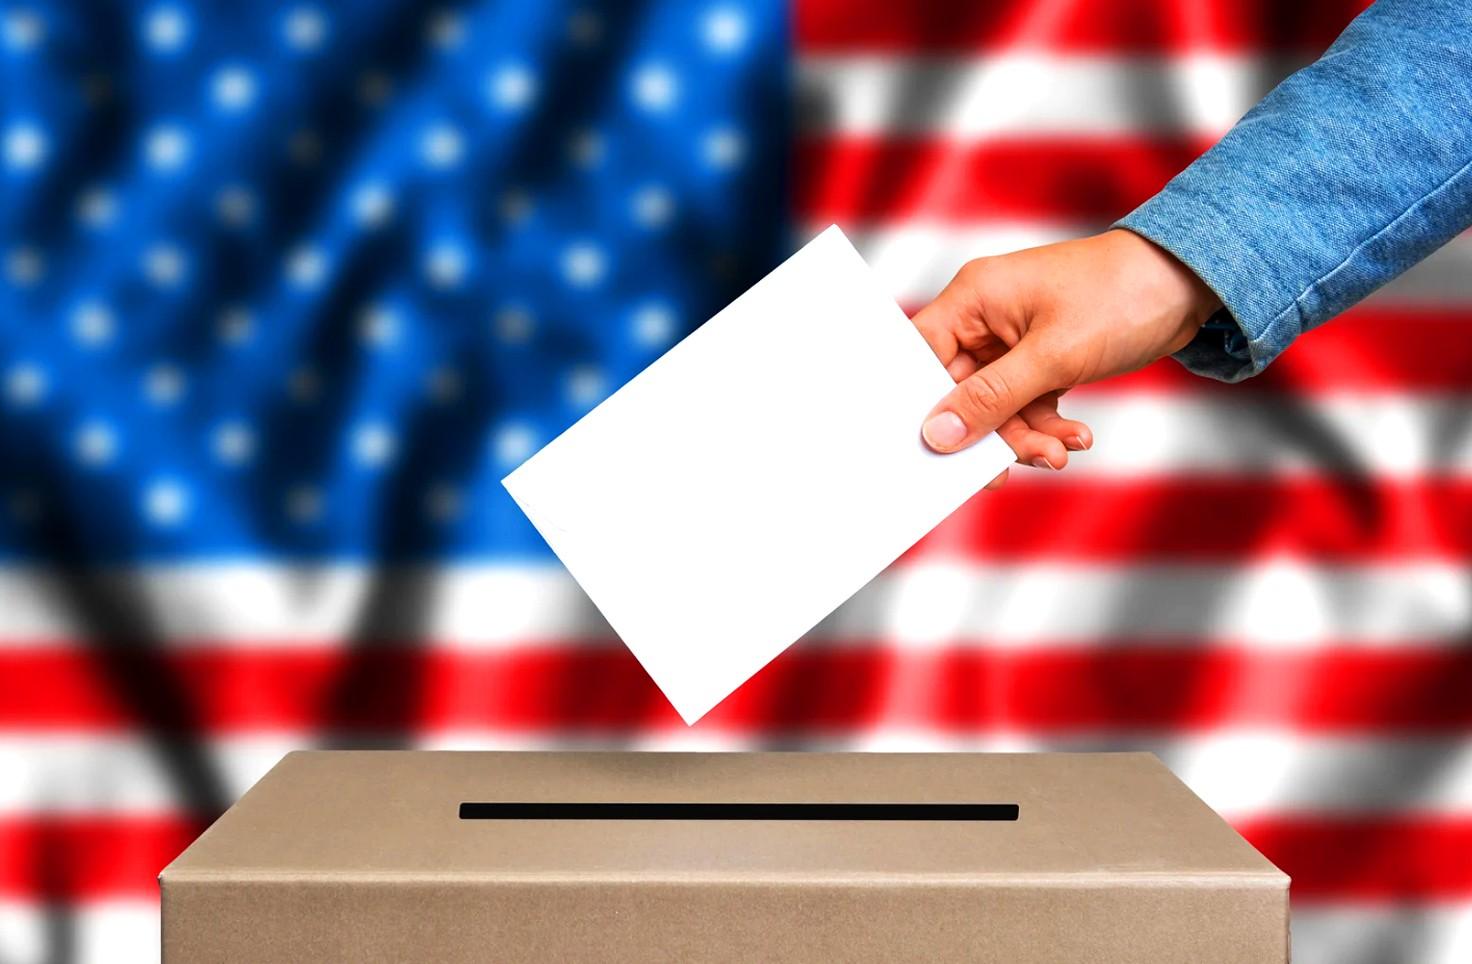 Кто такие выборщики в США и зачем они нужны?